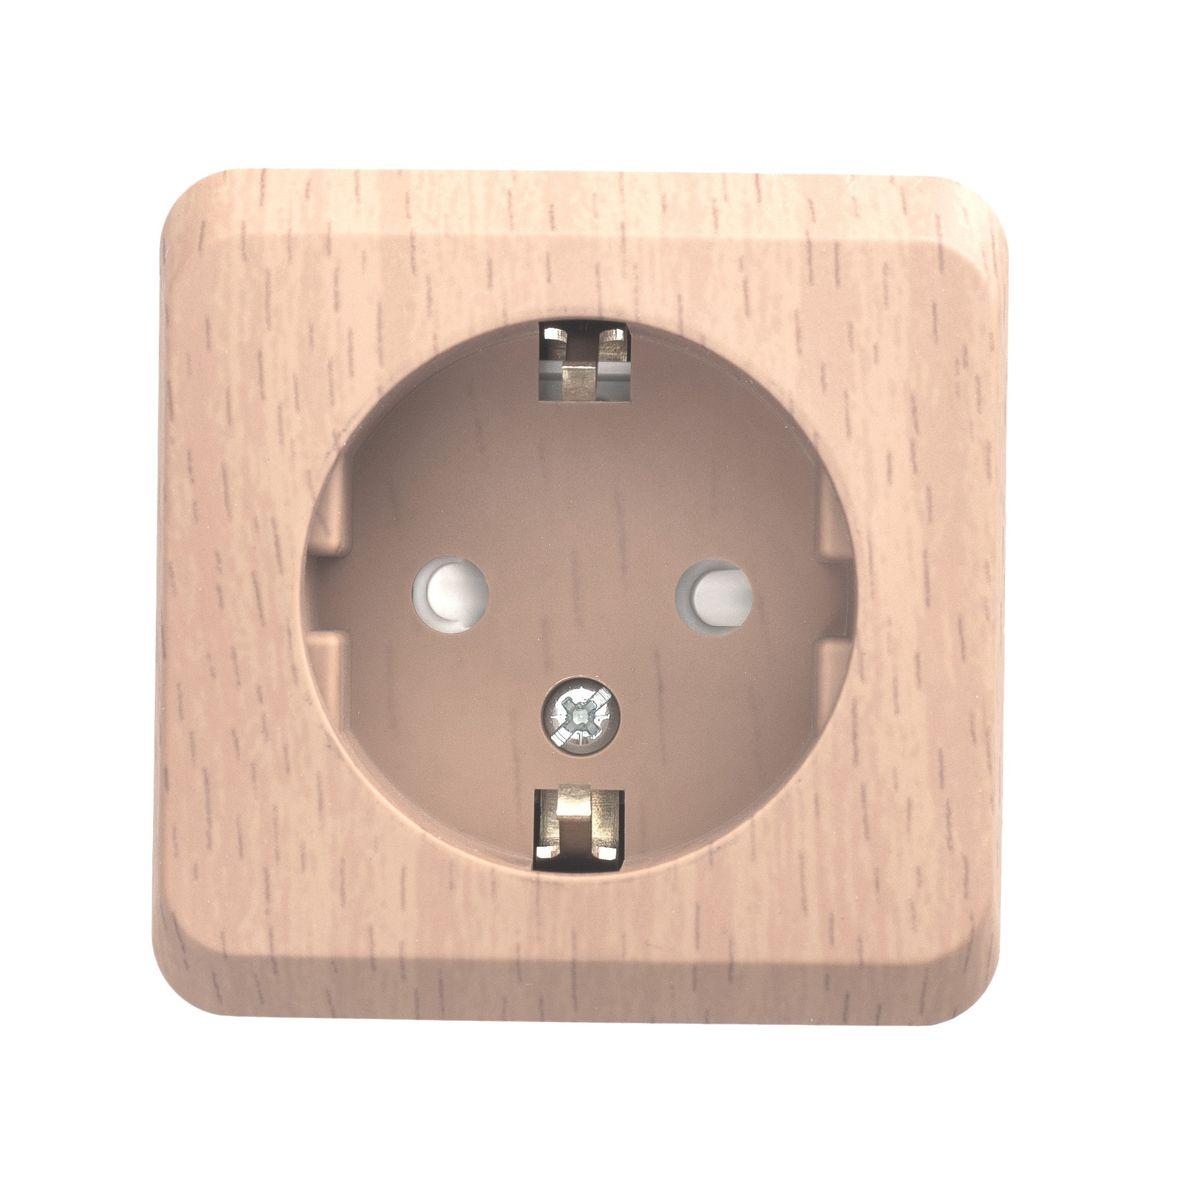 Розетка одинарная Schneider Electric Этюд, с заземлением, со шторками, цвет: сосна. PA16-004DPA16-004DОдинарная розетка Schneider Electric Этюд с заземляющим контактом, со шторками, открытой установки.